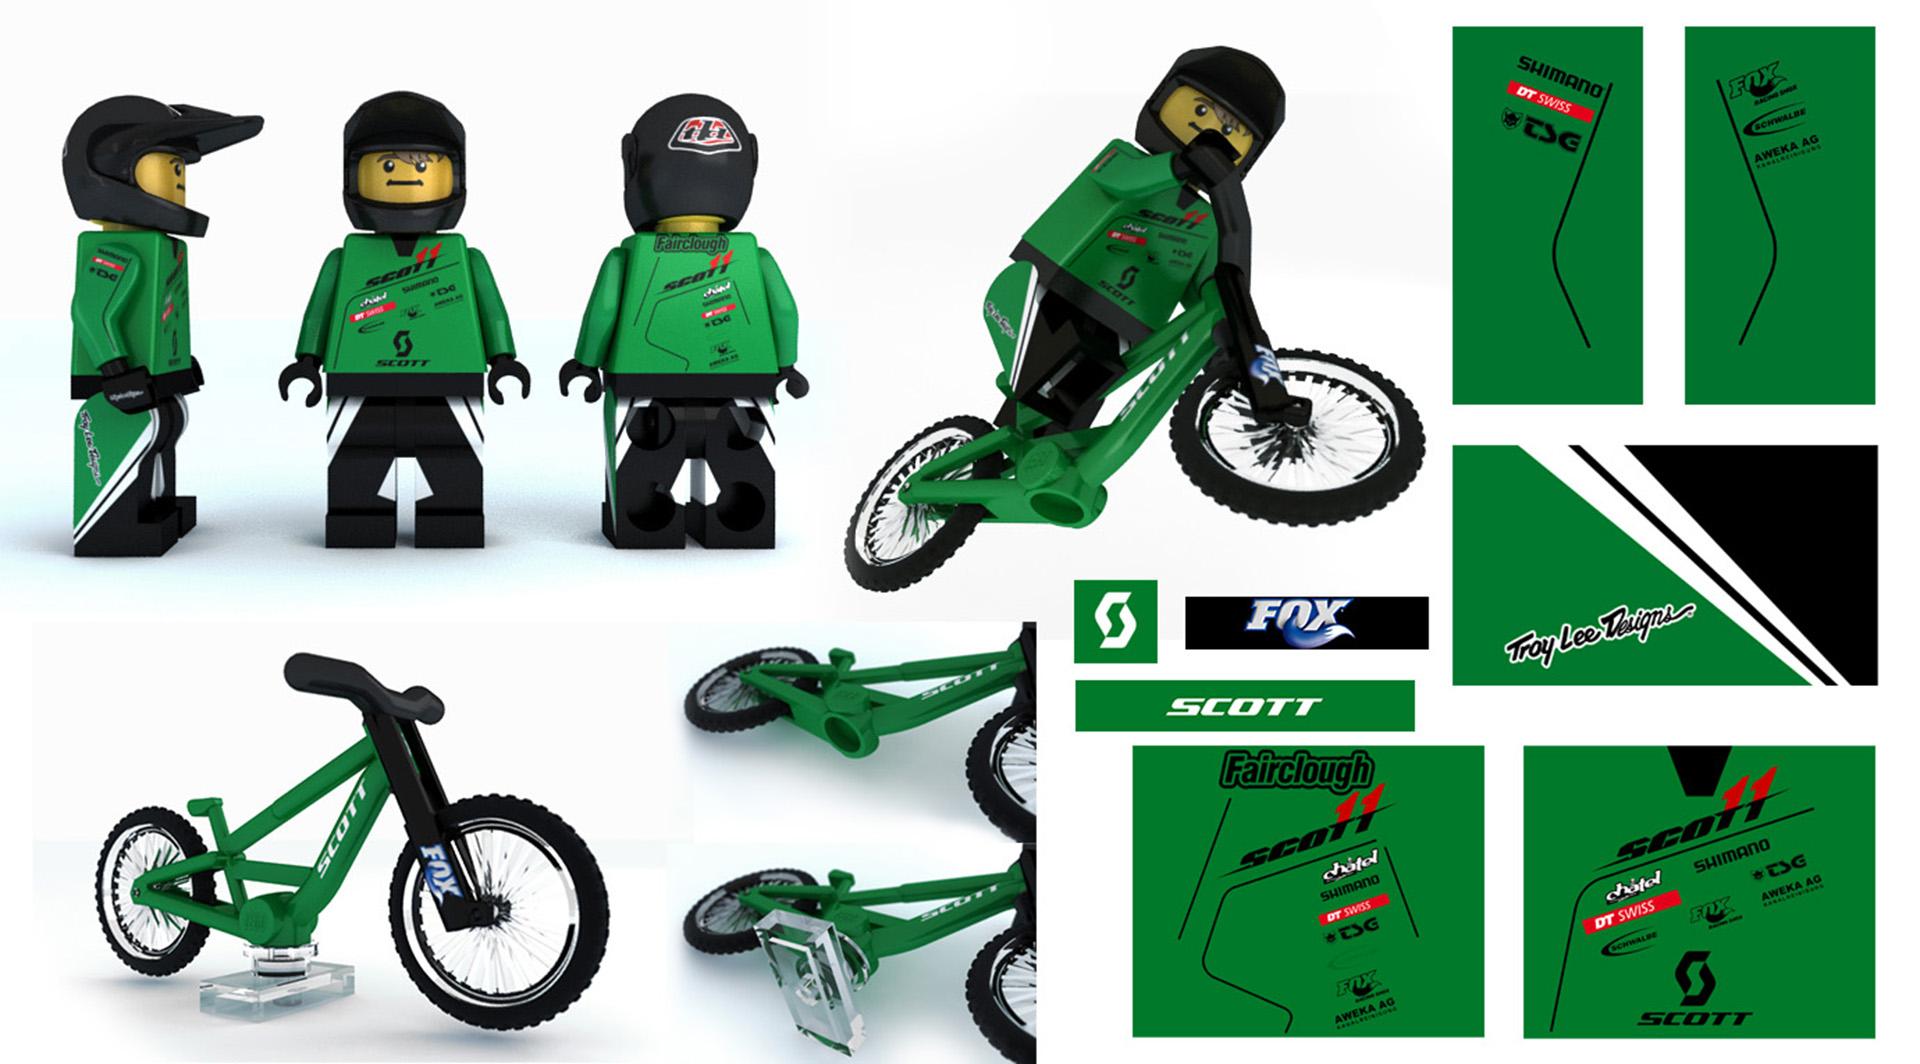 LEGO_brendan_fairclough